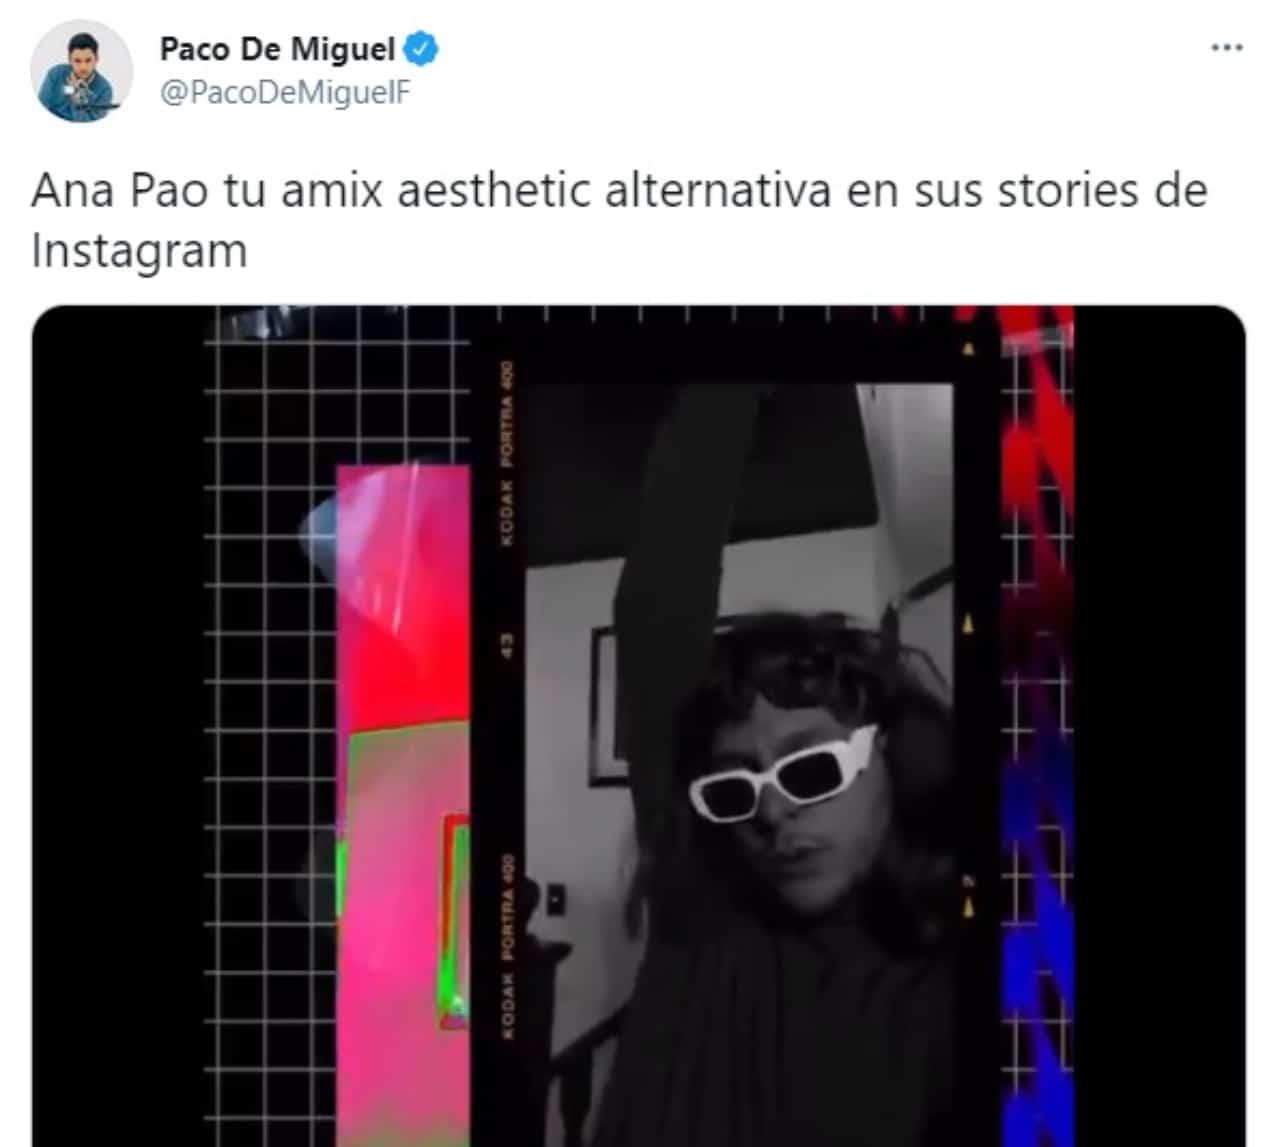 Paco de Miguel imitando a Ana Pao